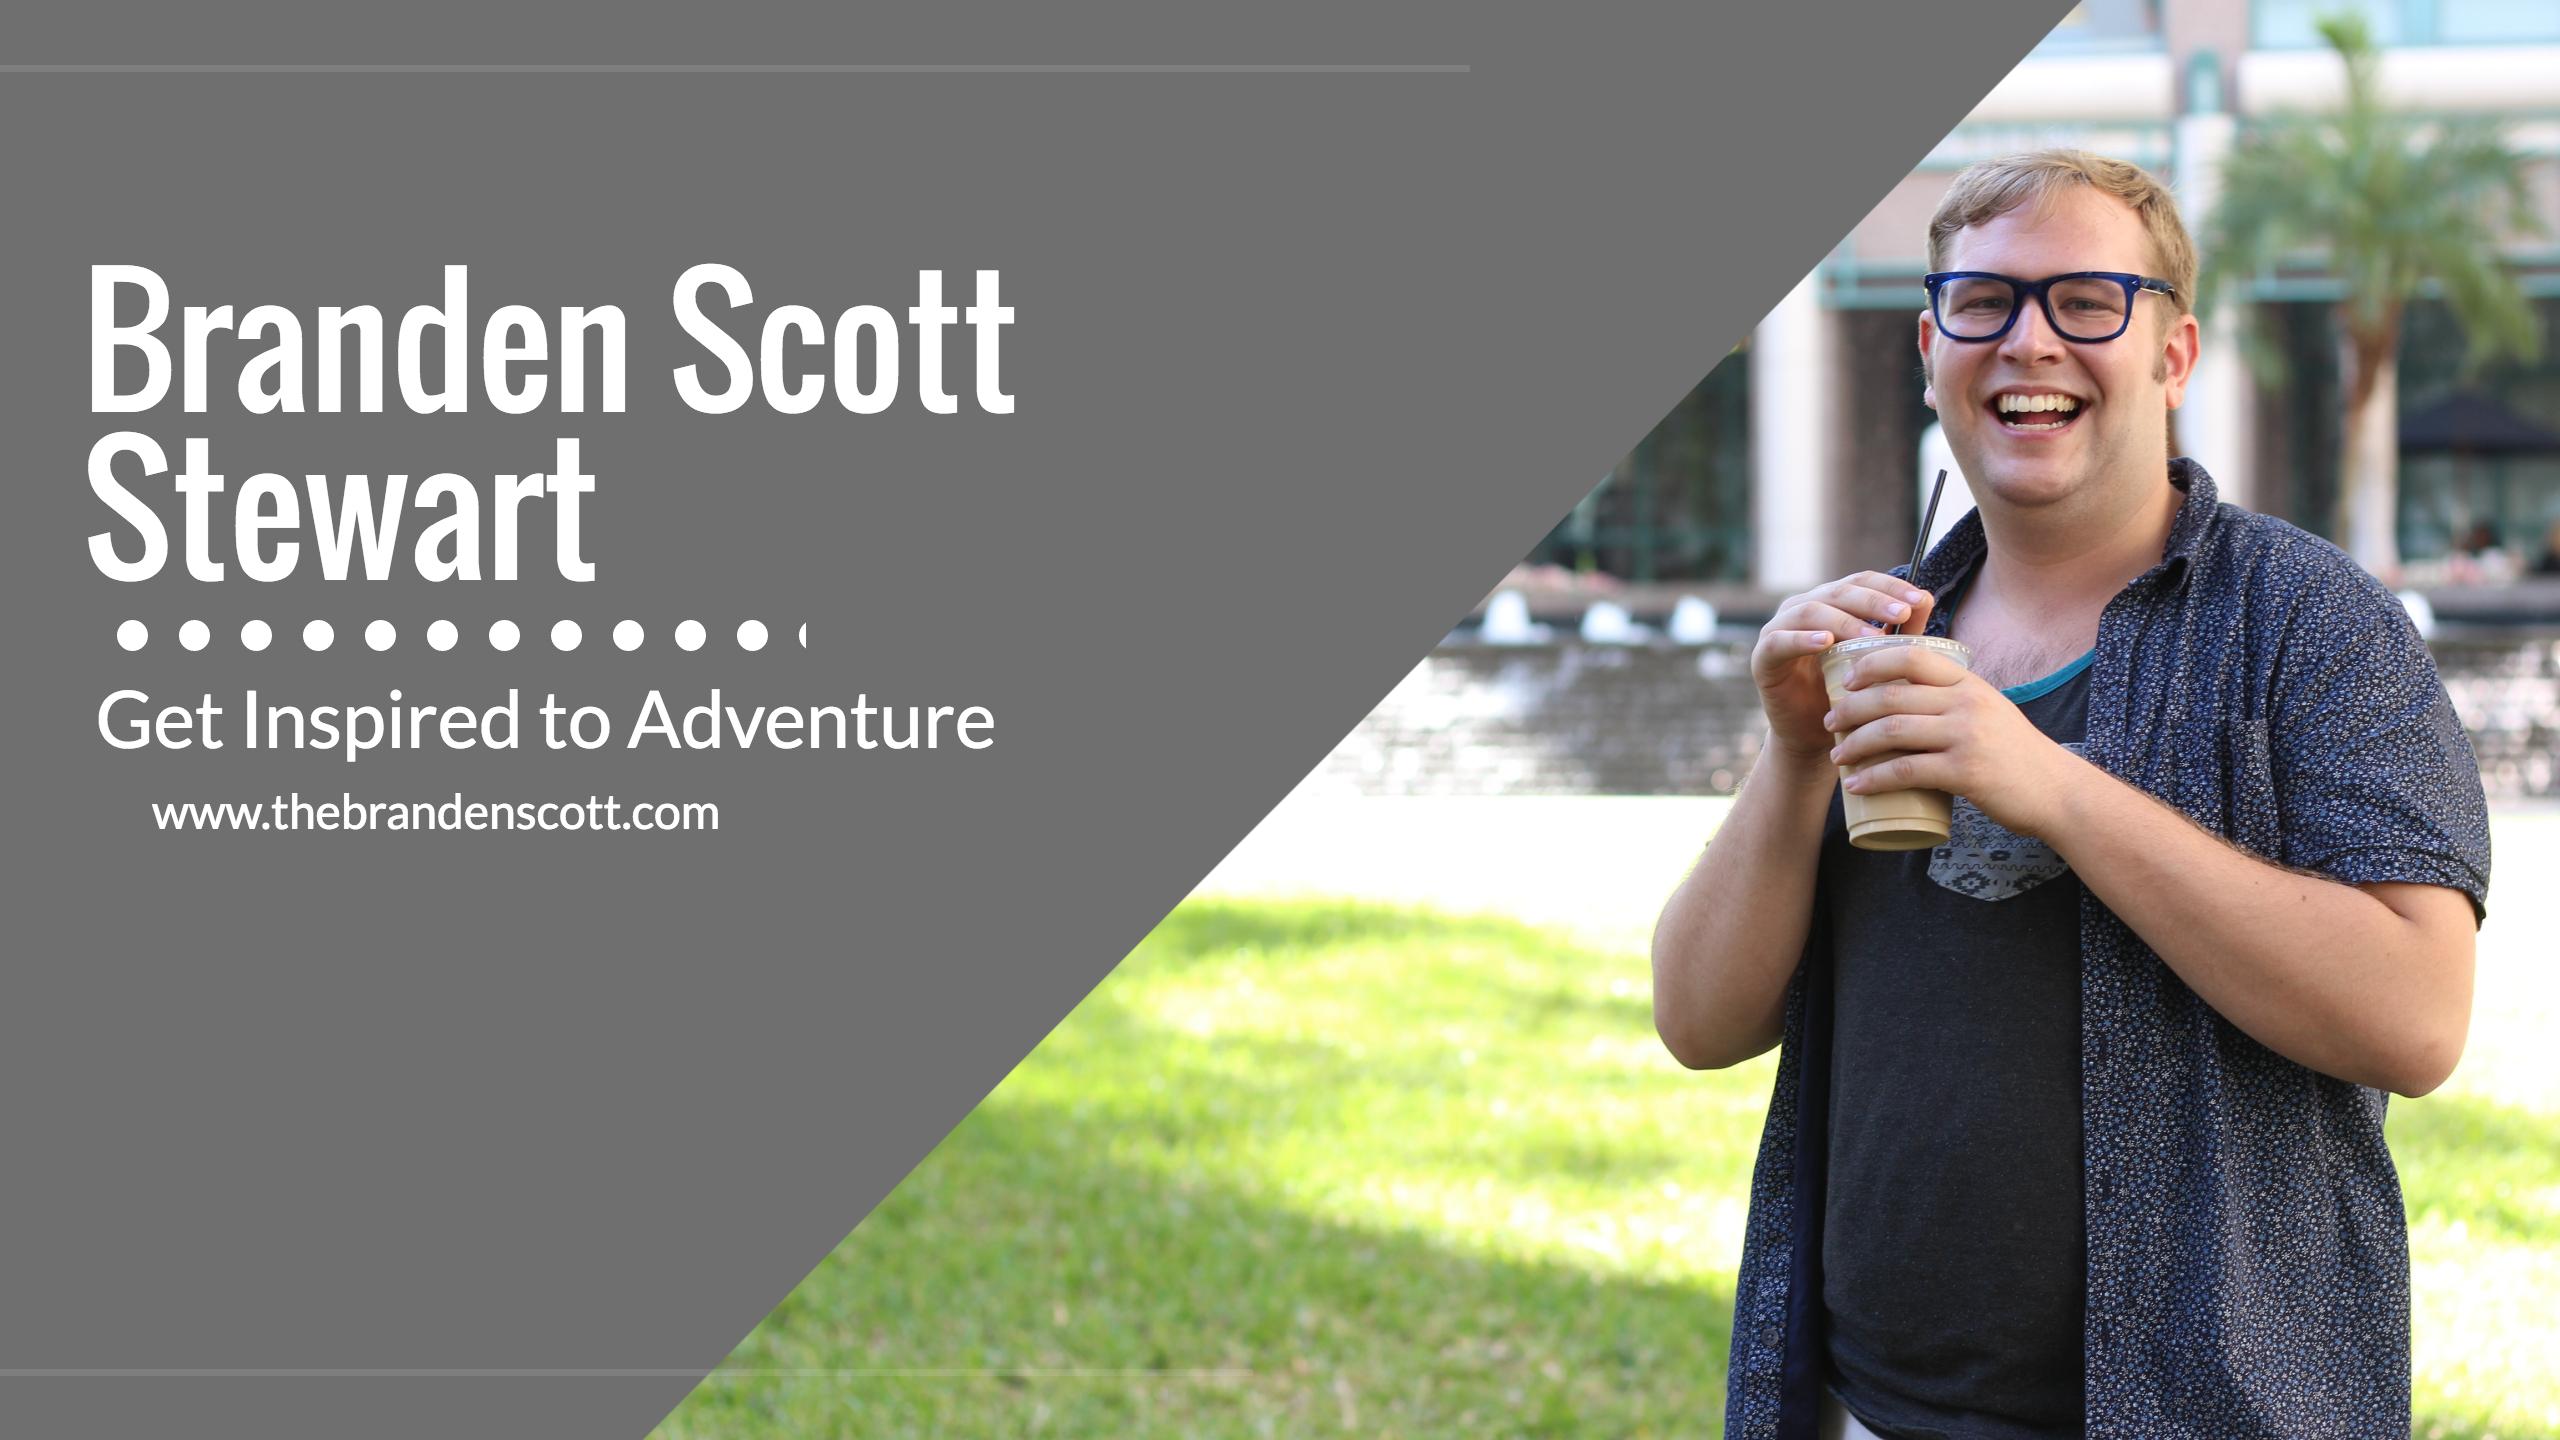 Branden Scott Stewart